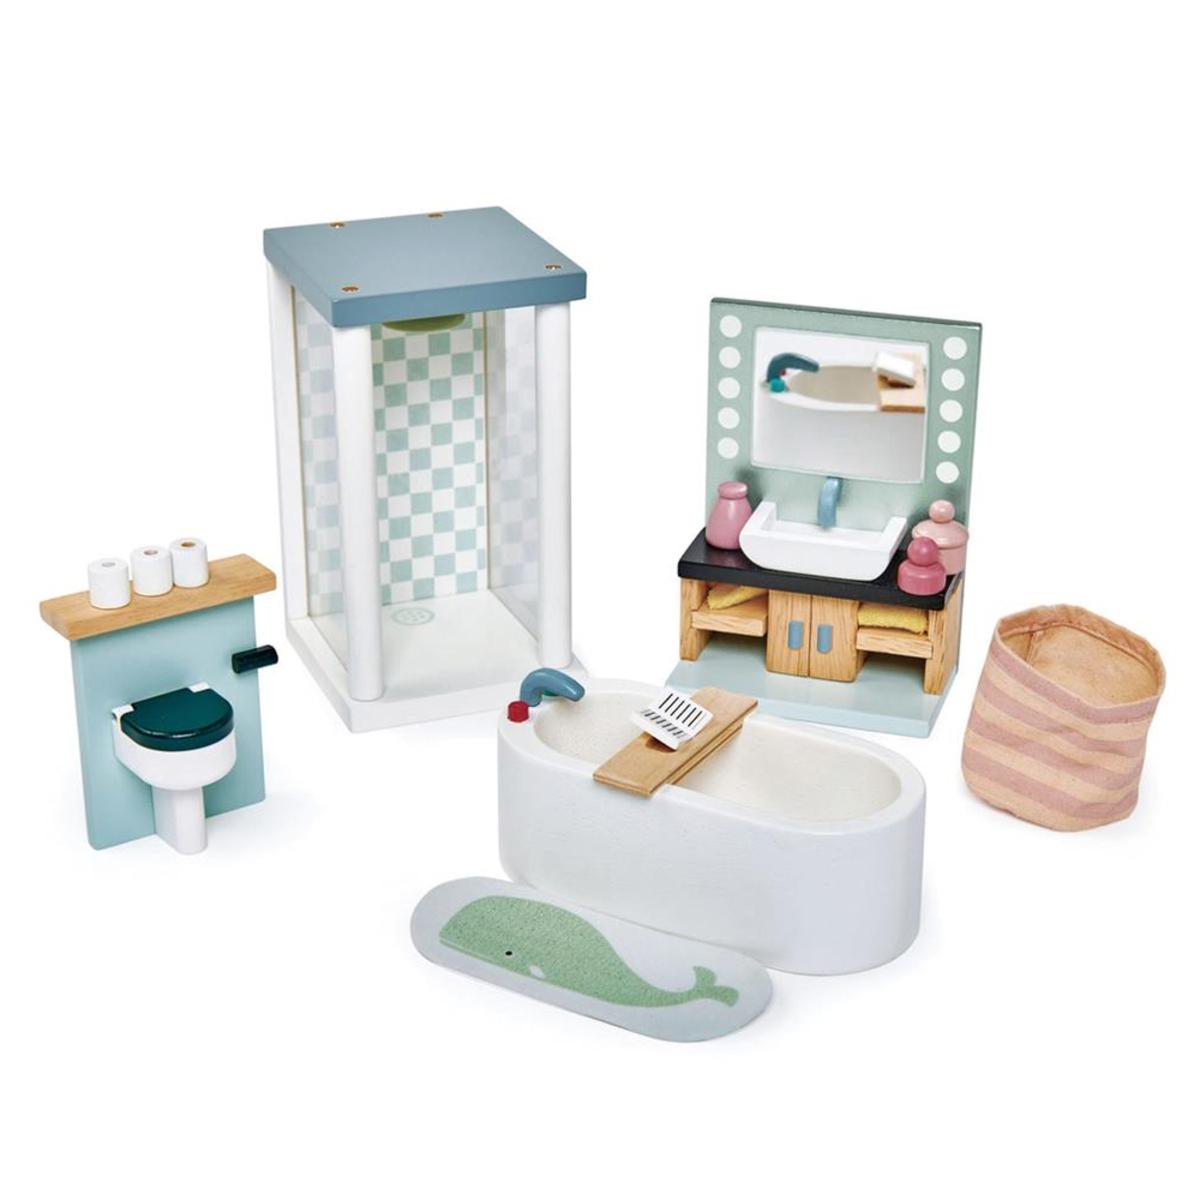 Mes premiers jouets Meubles de Salle de Bain de Poupées Tender Leaf Toys - AR202001280093